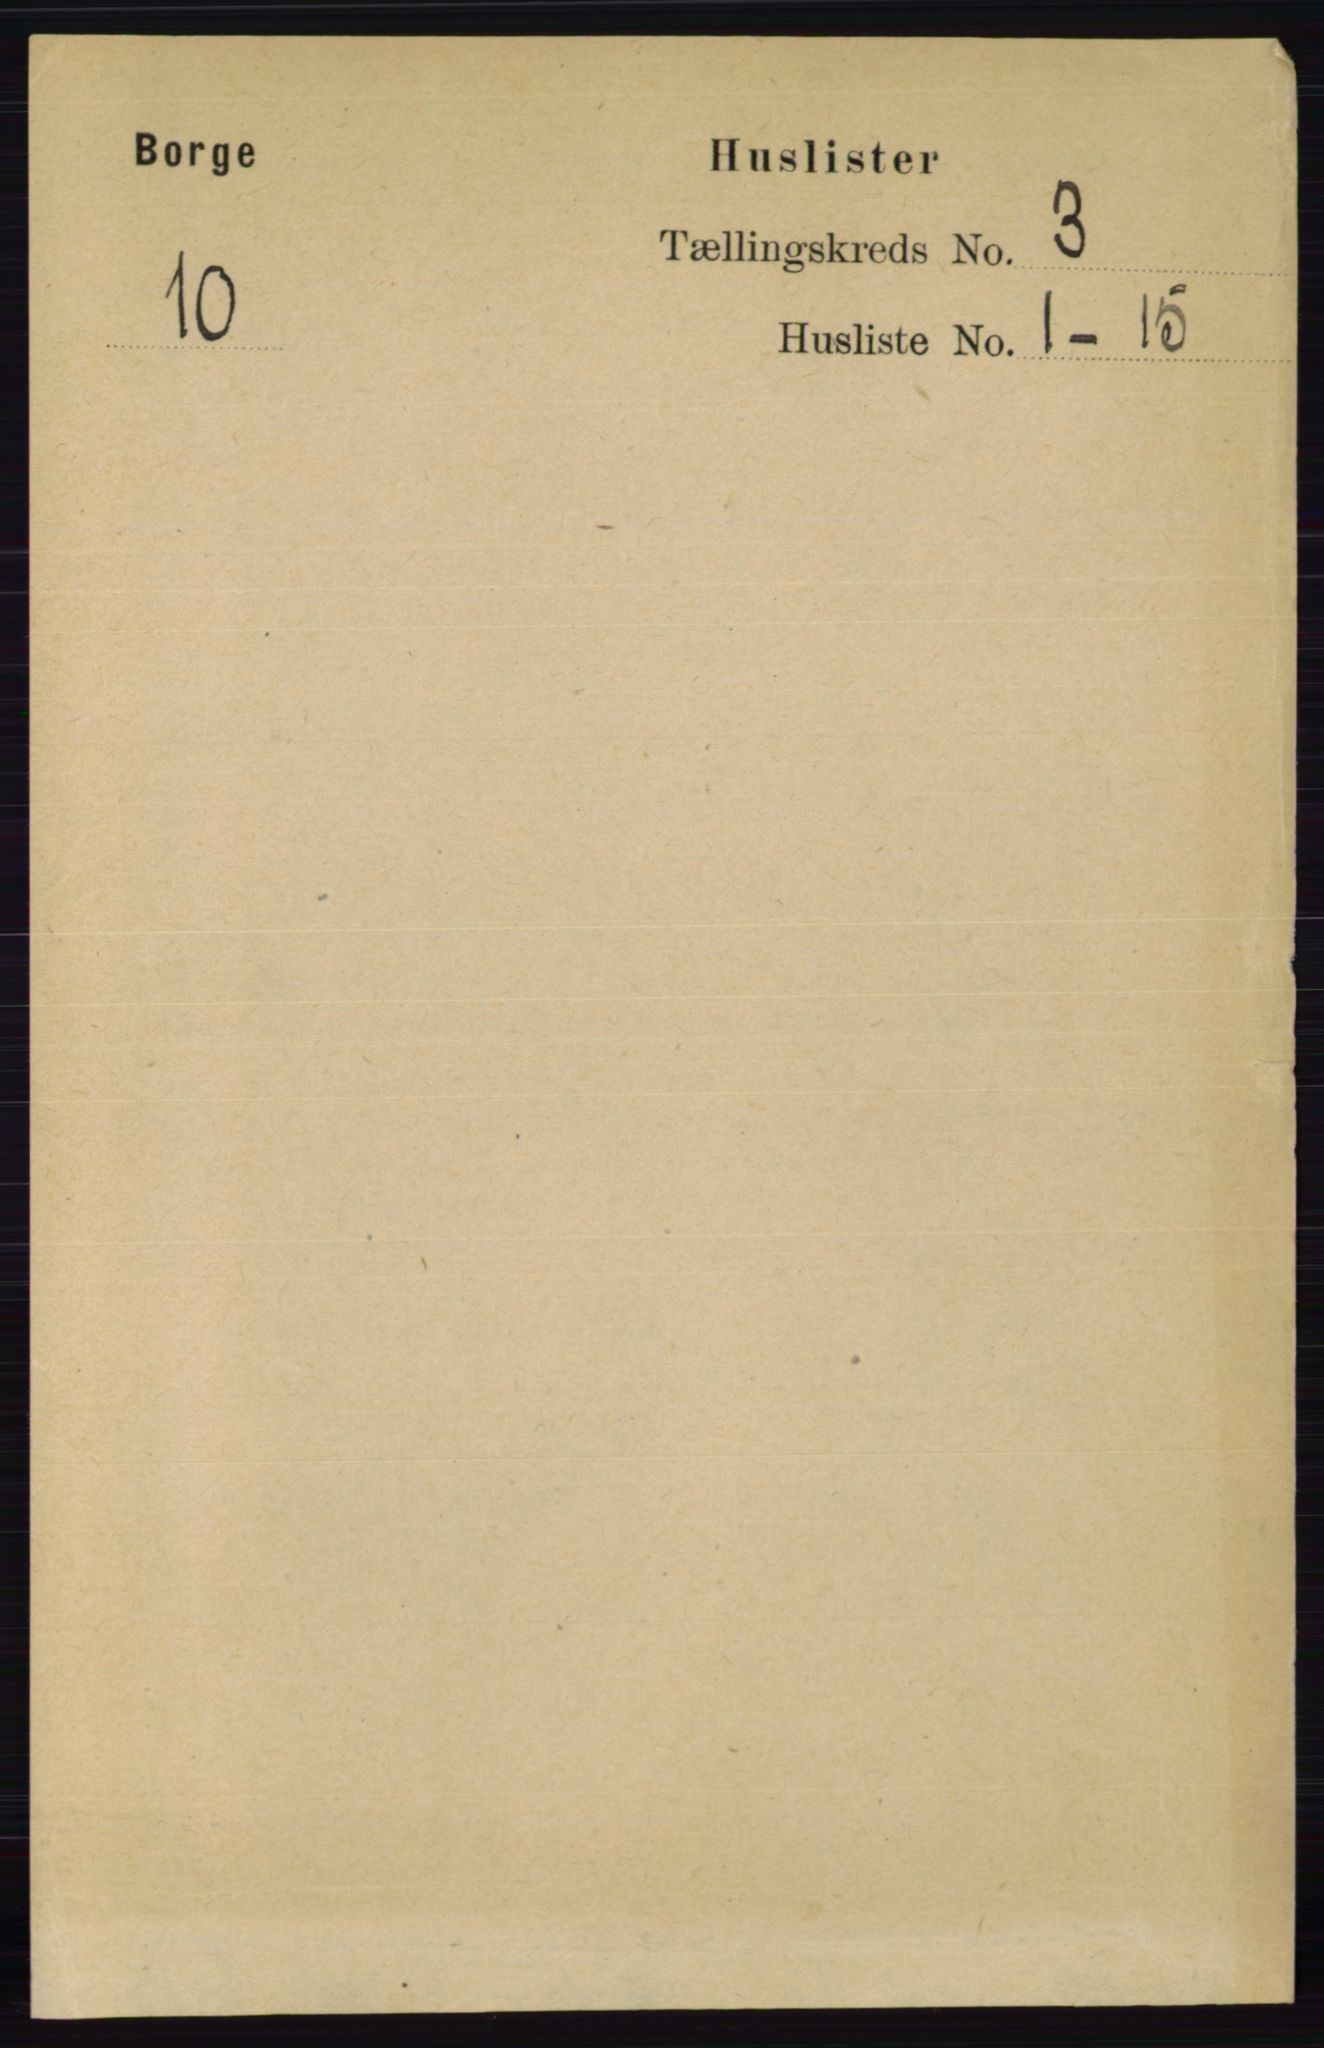 RA, Folketelling 1891 for 0113 Borge herred, 1891, s. 1350